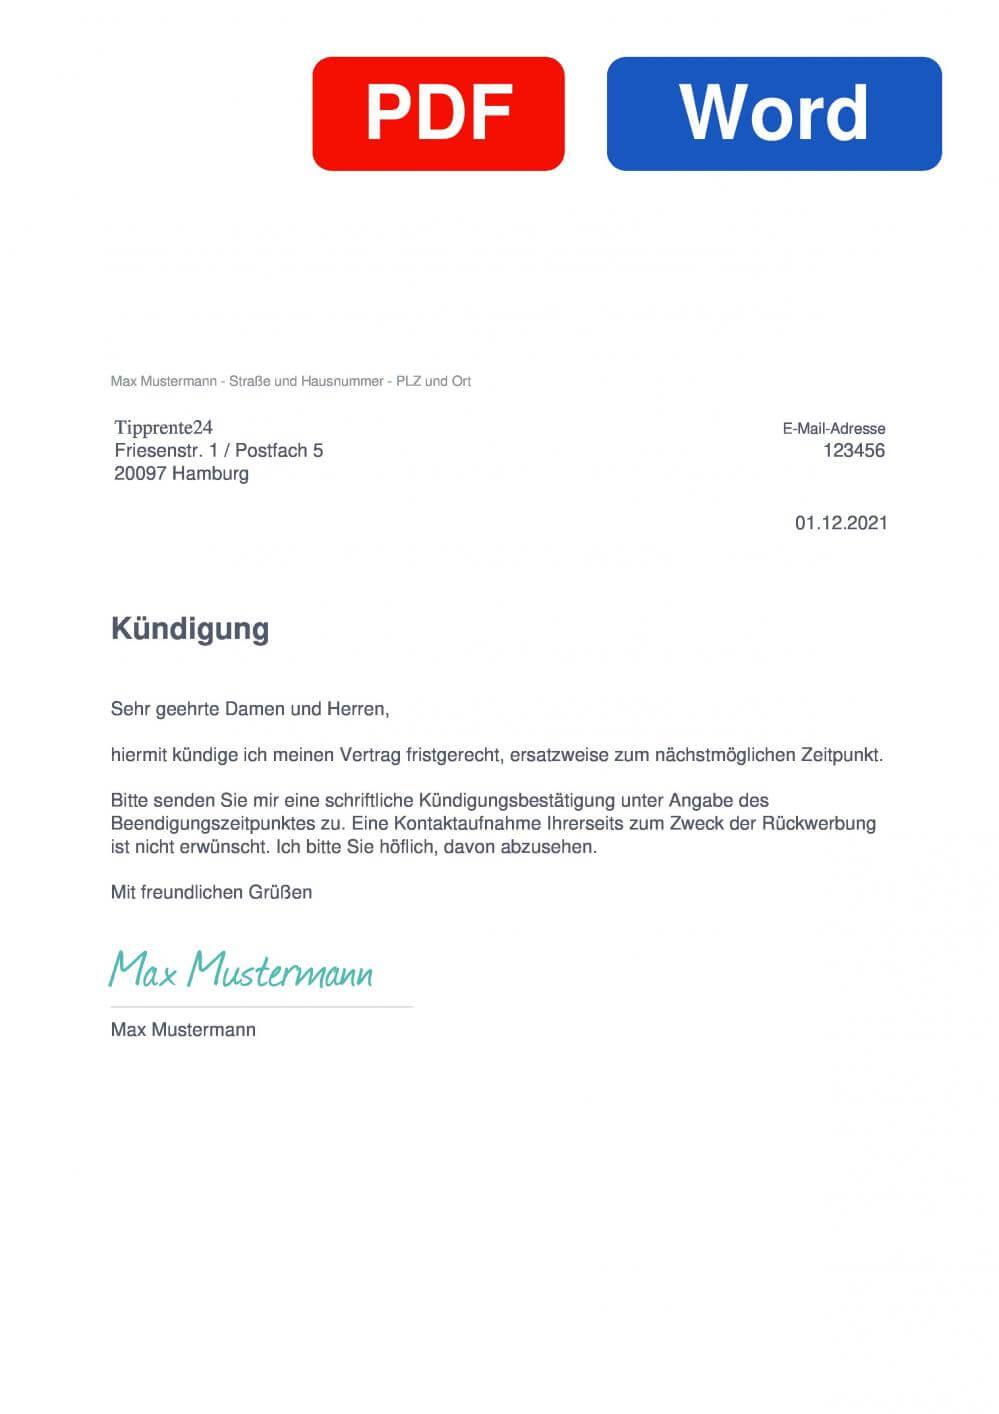 Tipprente24 Muster Vorlage für Kündigungsschreiben